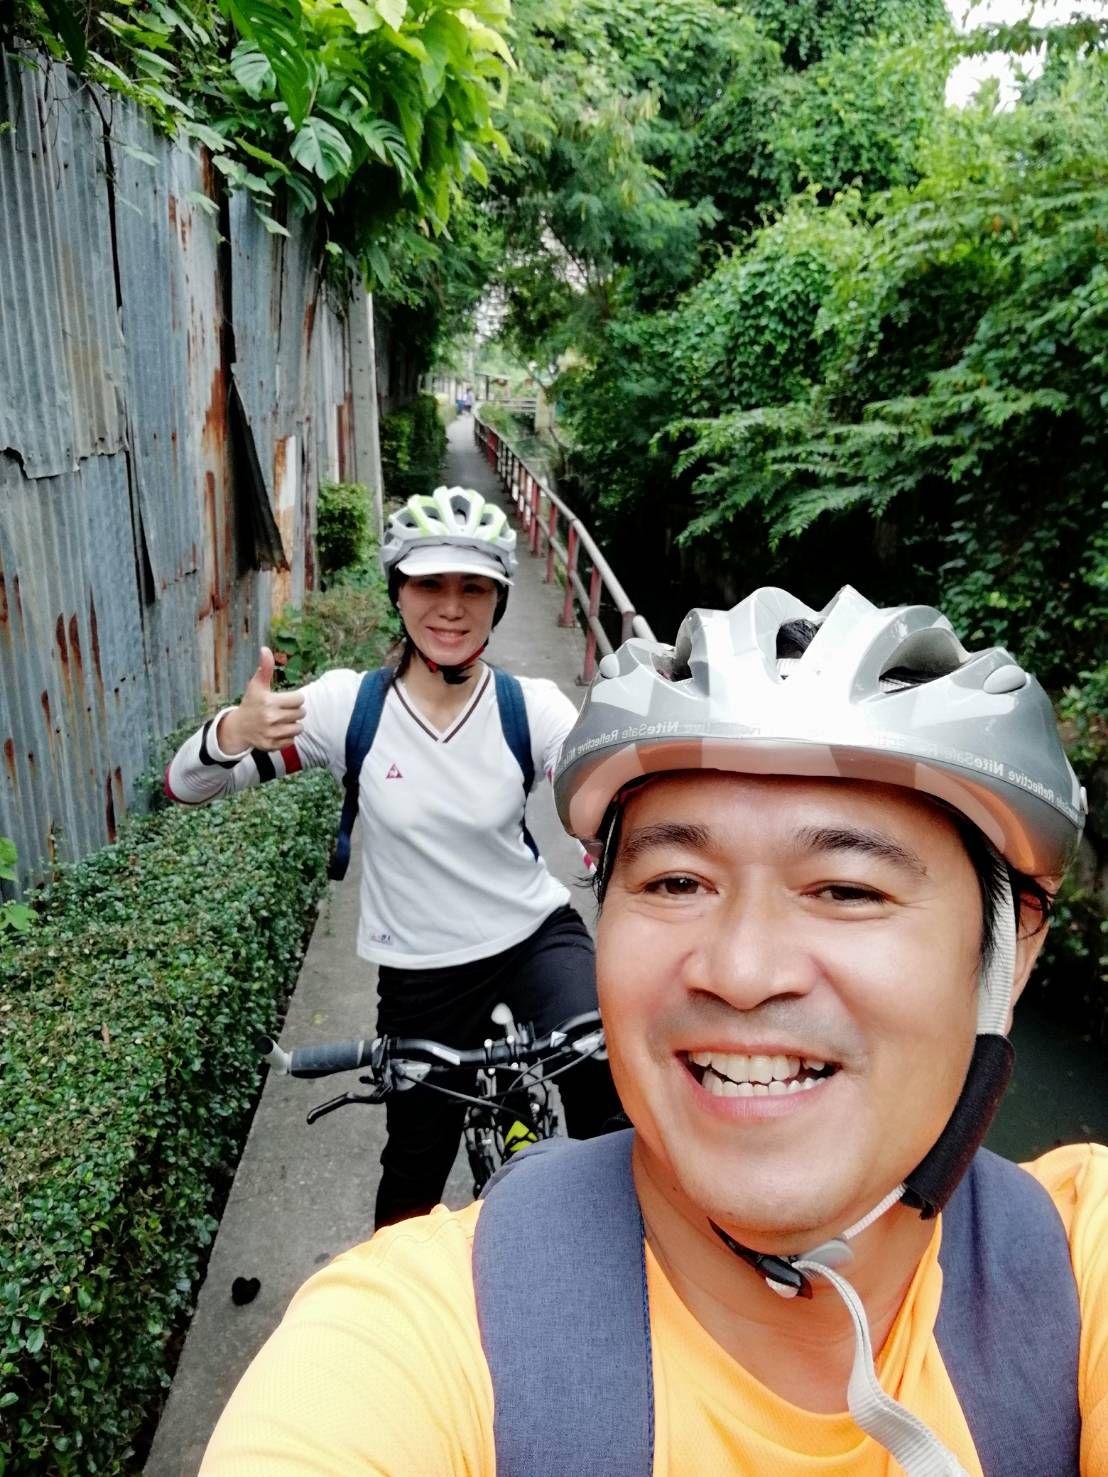 Our bike feeling